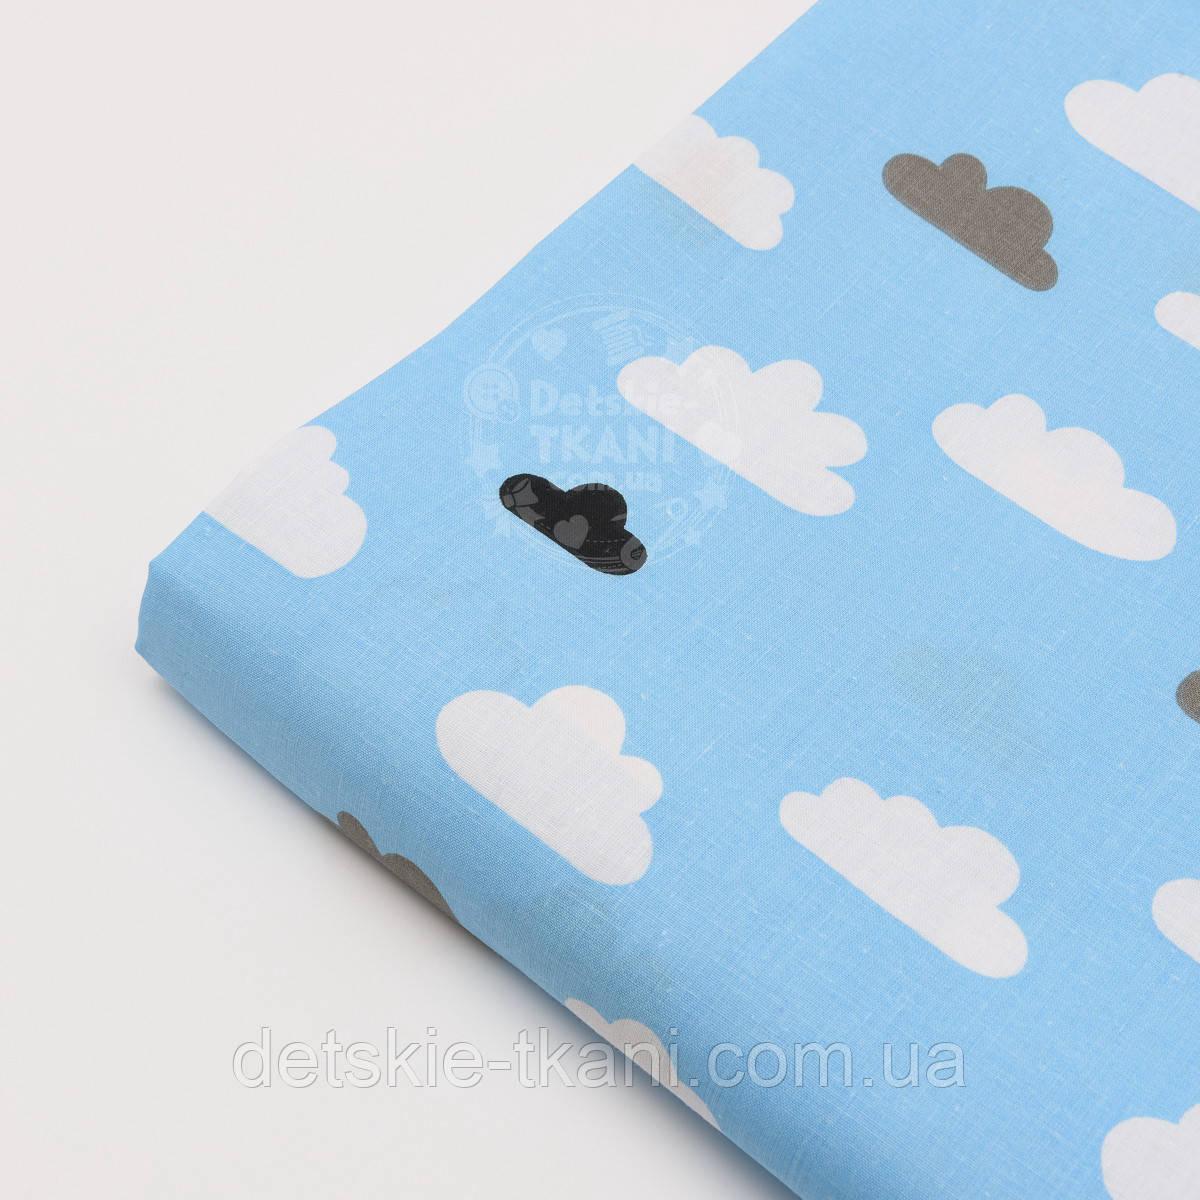 Лоскут ткани №689а с облаками серыми и белыми на голубом фоне, размер 34*80 см